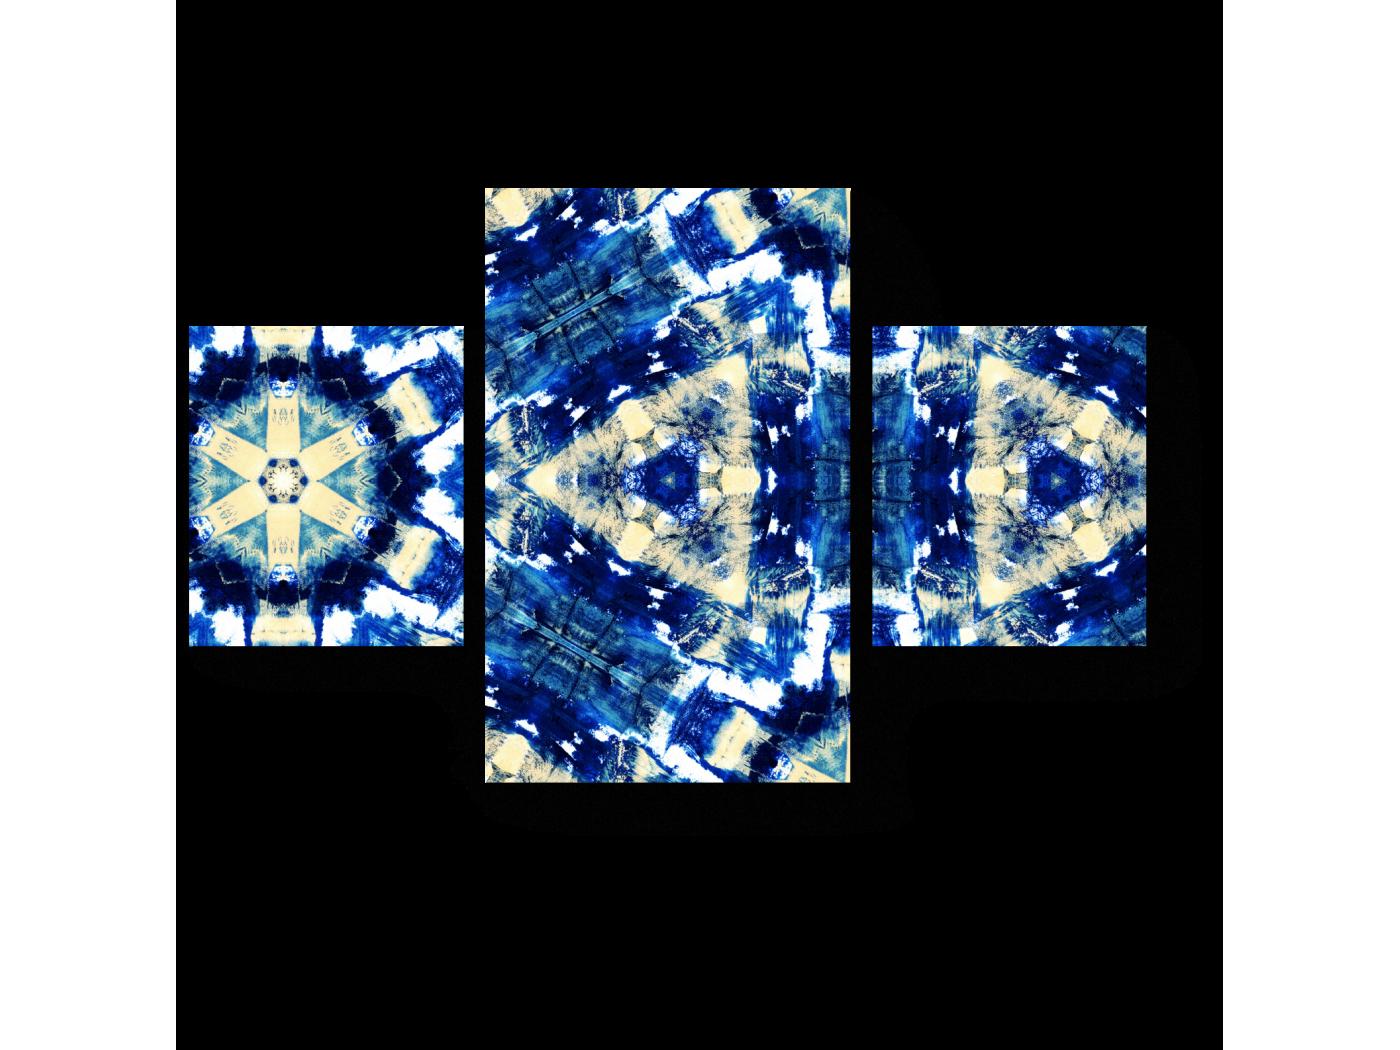 Модульная картина Синий узор калейдоскопа (80x52) фото